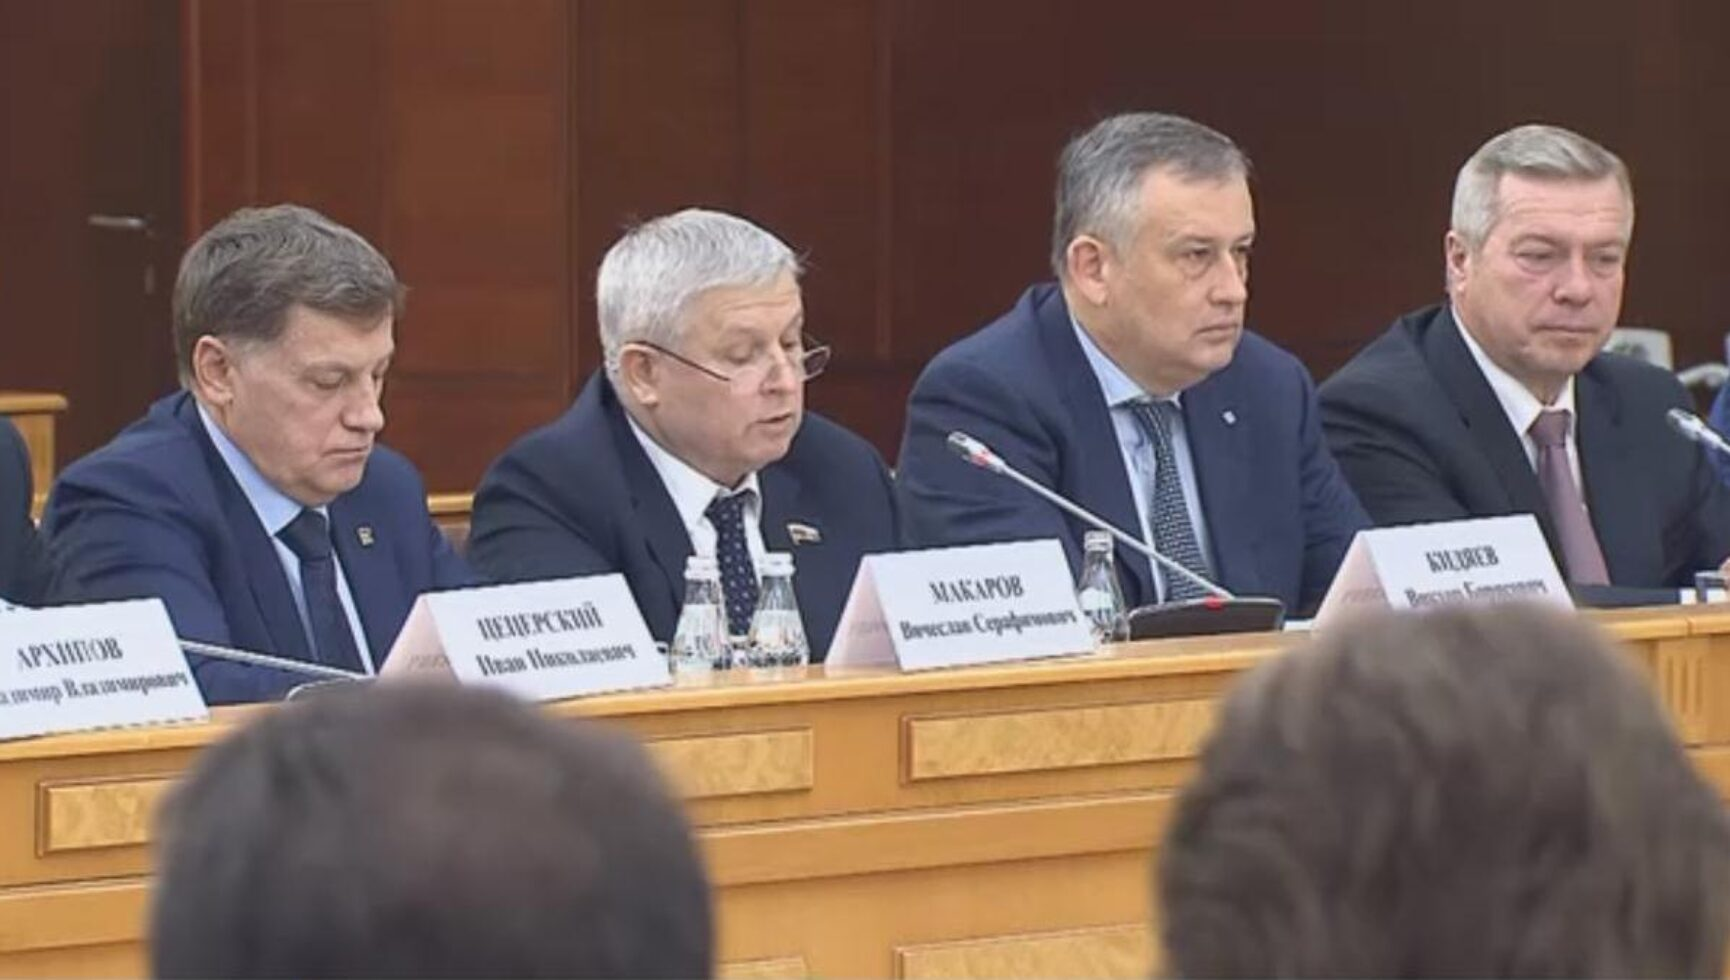 Российская система местного самоуправления нуждается в «балансировке», приведении муниципальных бюджетов в соответствие с возложенными полномочиями.